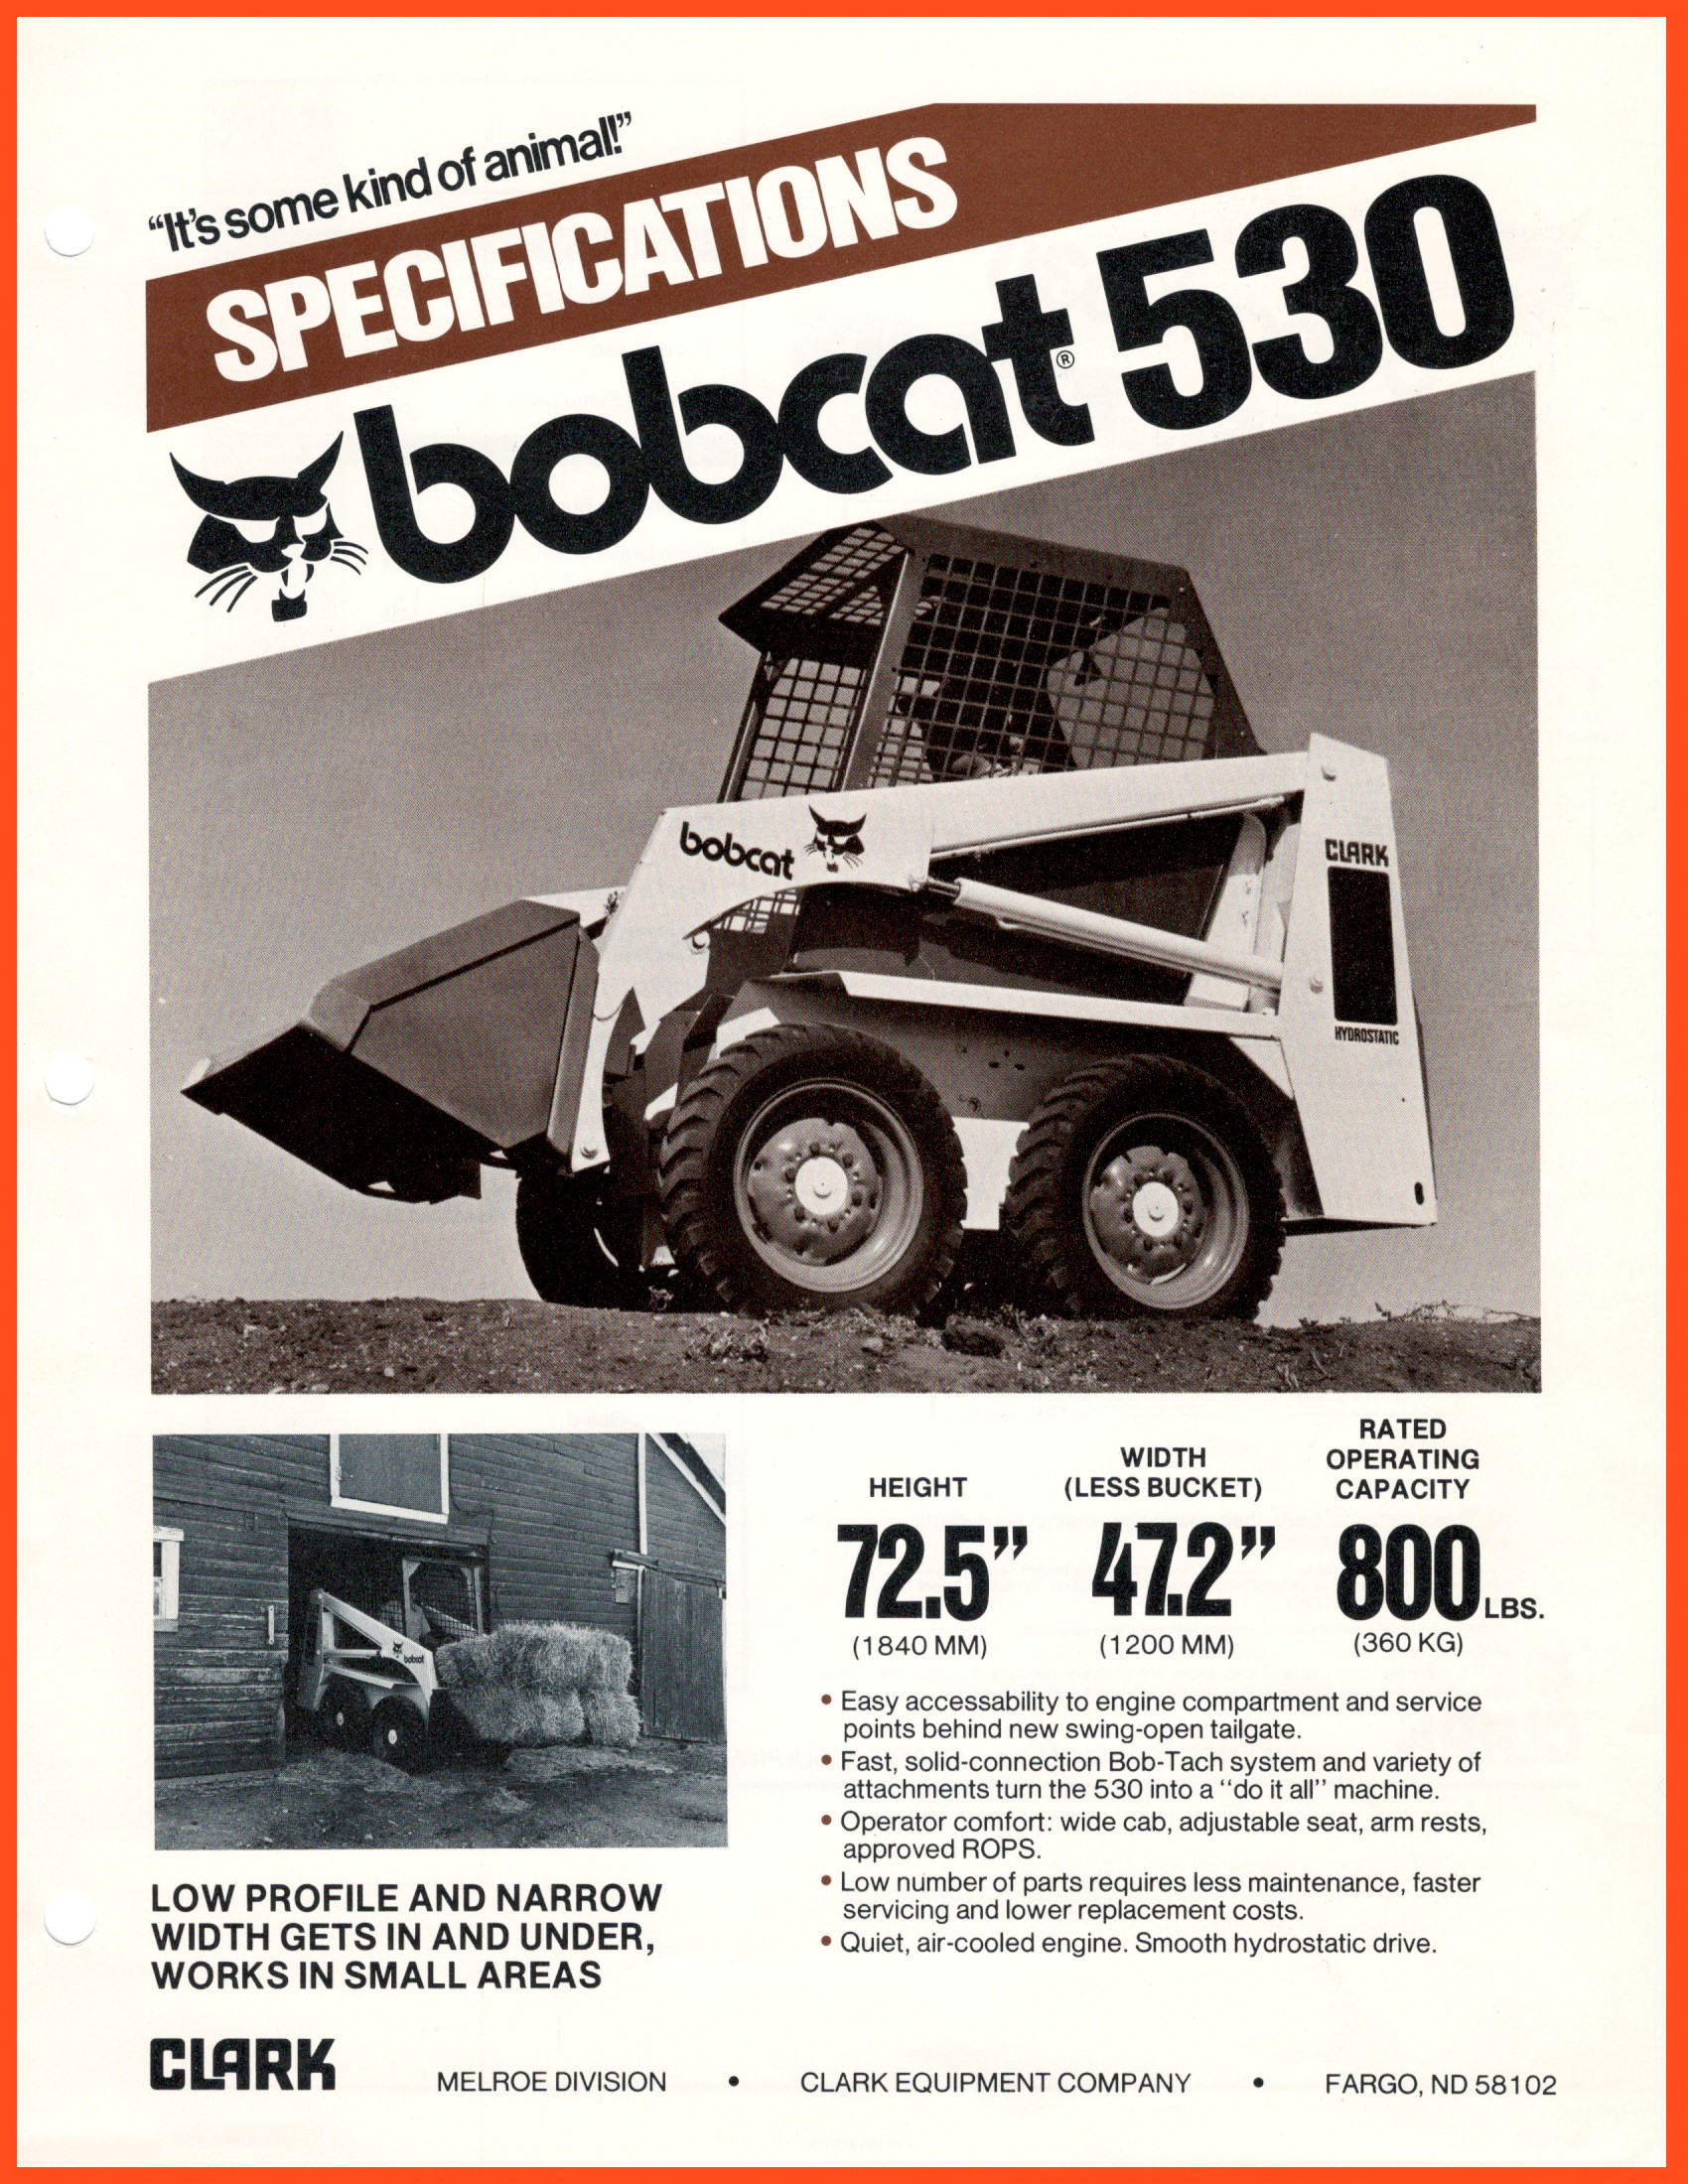 Bobcat 530 (1980) Skid-Steer Specifications @ RVM, LLC | River Valley Machine